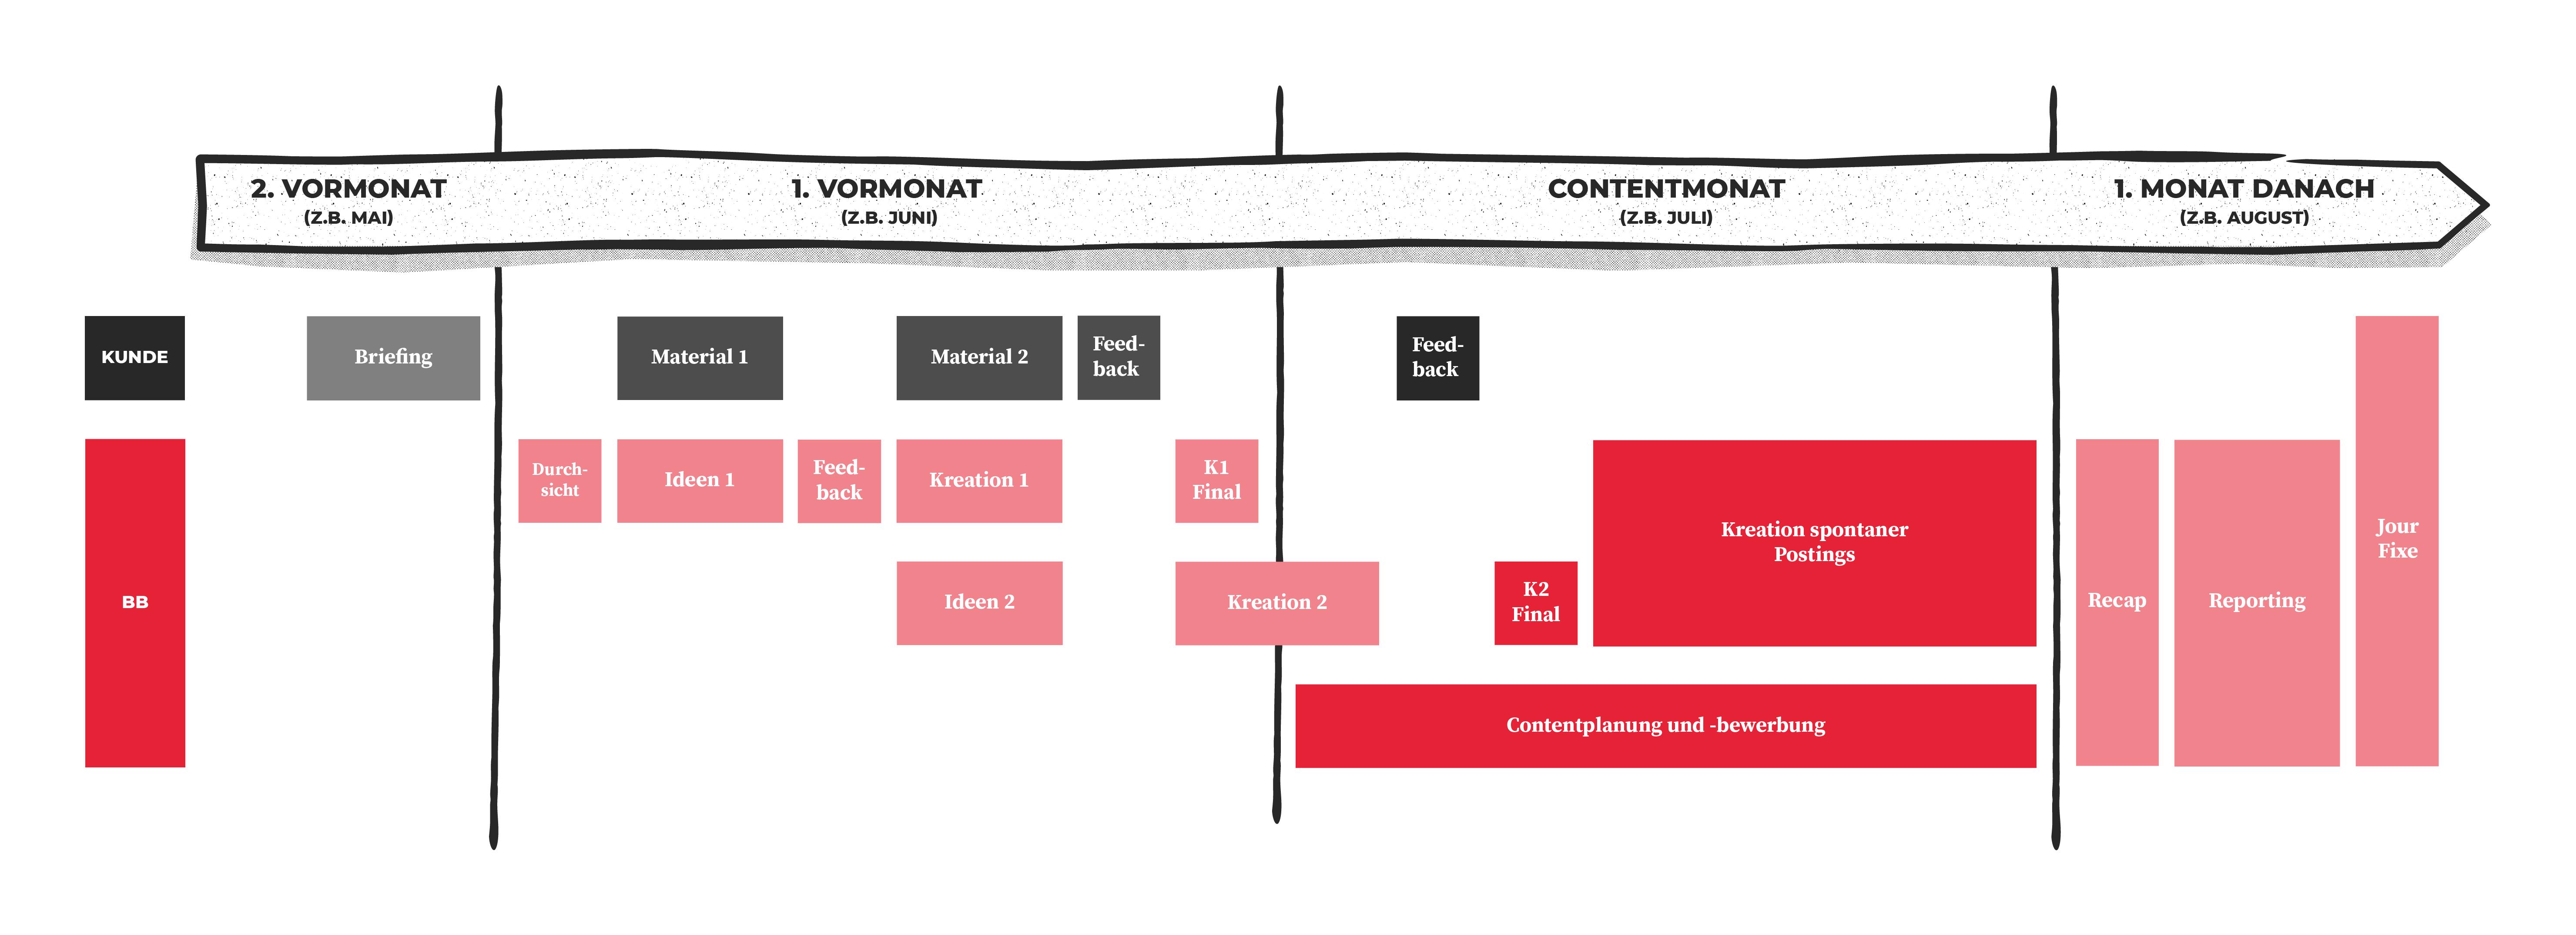 Beispielbild: Prozessplan